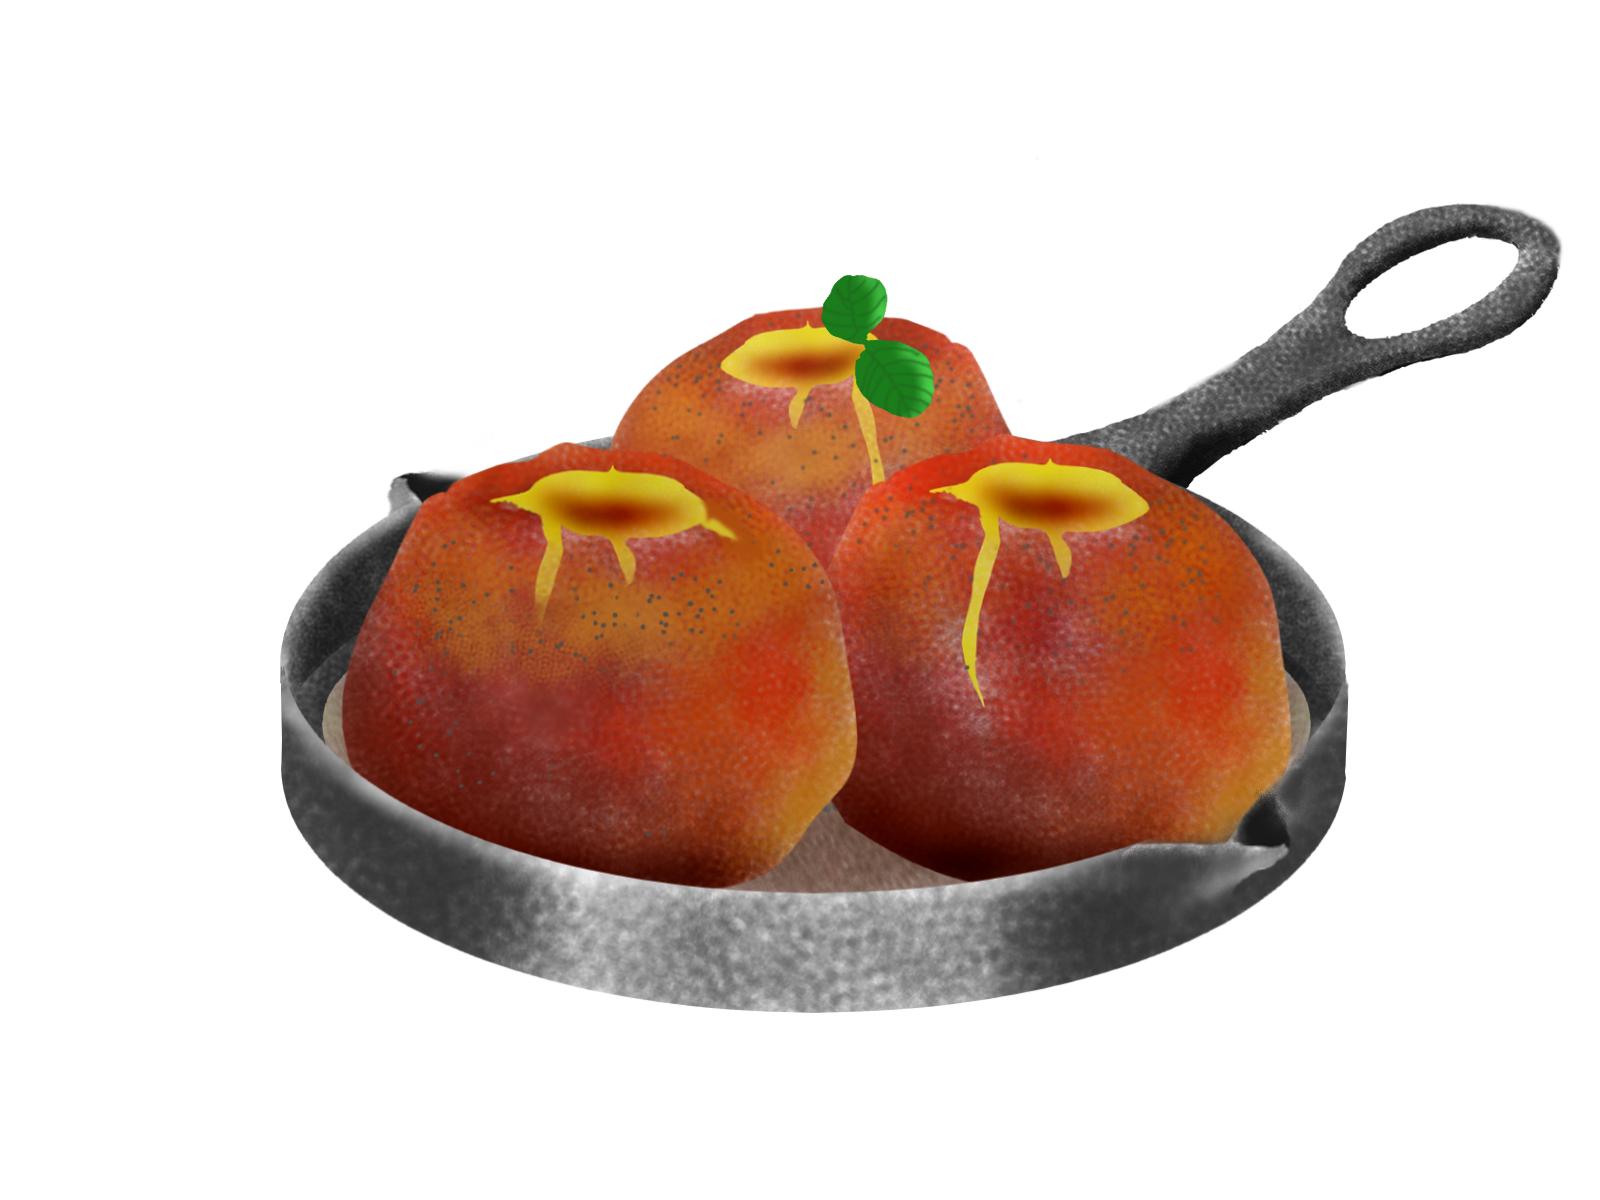 焼きリンゴって食べたことない